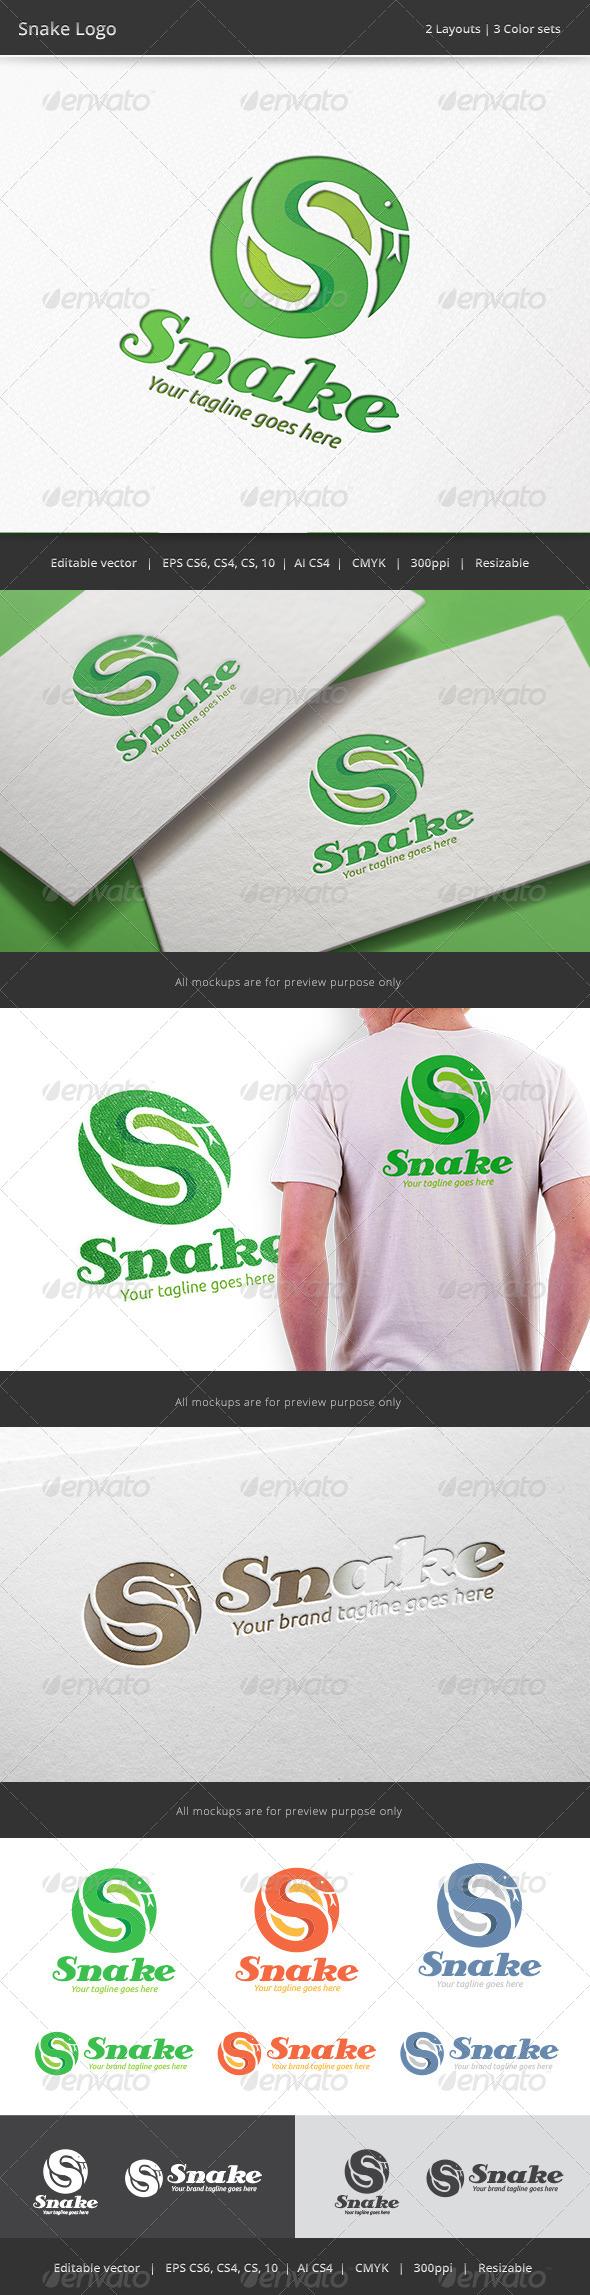 GraphicRiver Snake Logo 8061590